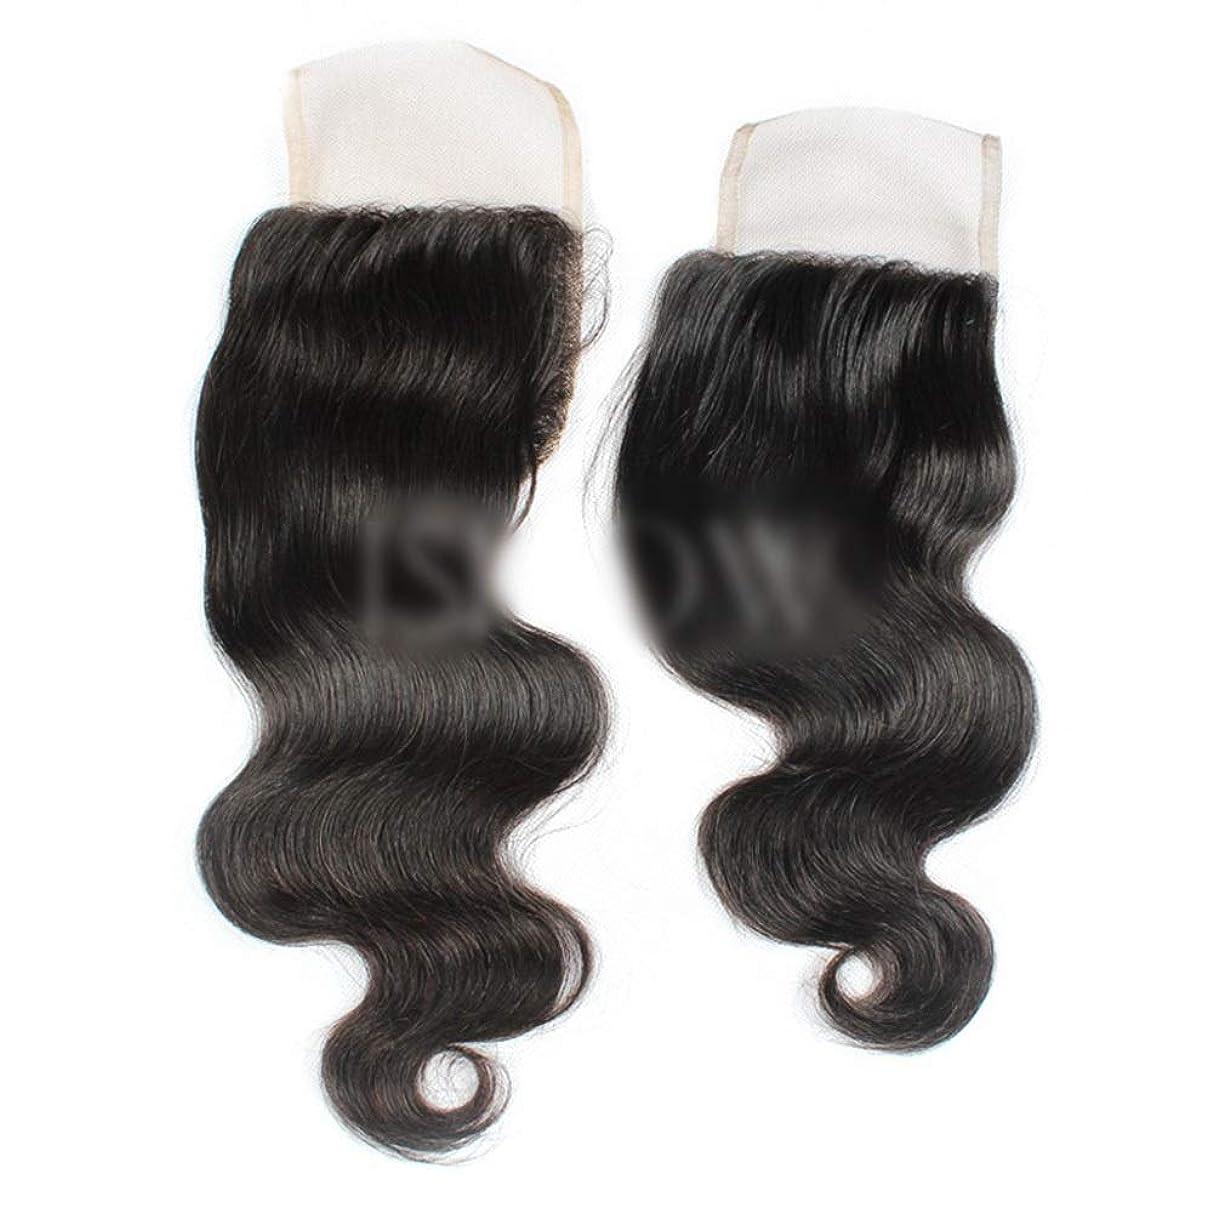 生活星質量YESONEEP ブラジル実体波無料パート4×4レース前頭閉鎖人間の髪の毛の自然な黒い色(8インチ-20インチ)合成髪レースかつらロールプレイングかつらロングとショートの女性自然 (色 : 黒, サイズ : 10 inch)